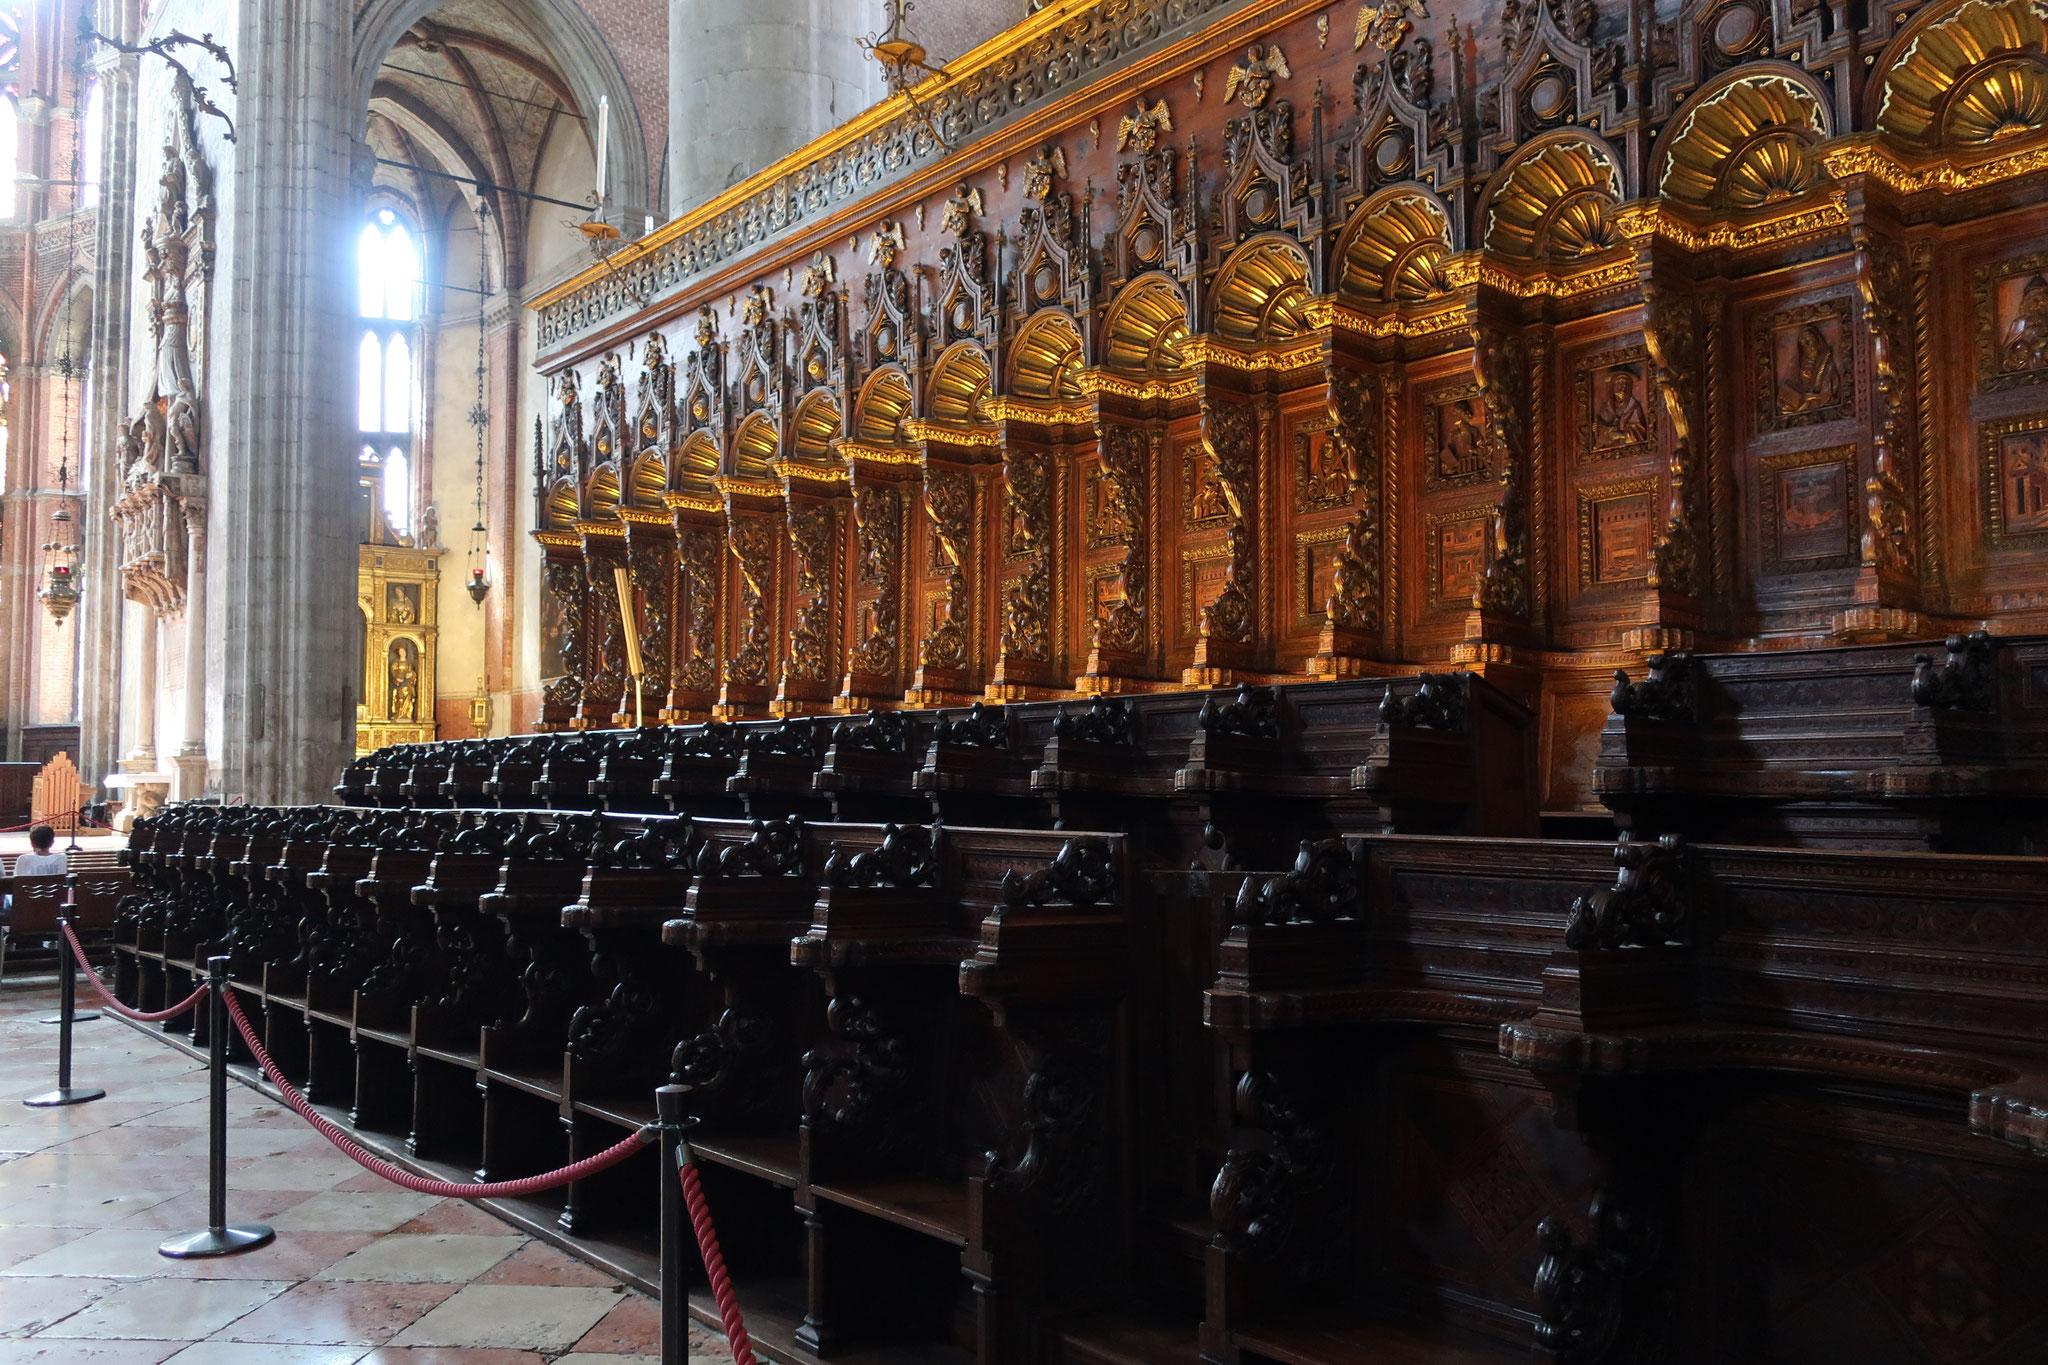 聖歌隊席。1475年、 ゴシック・ルネッサンス様式。大理石の上塗りが施してあり、彫刻を施したひじ掛け椅子も見事。